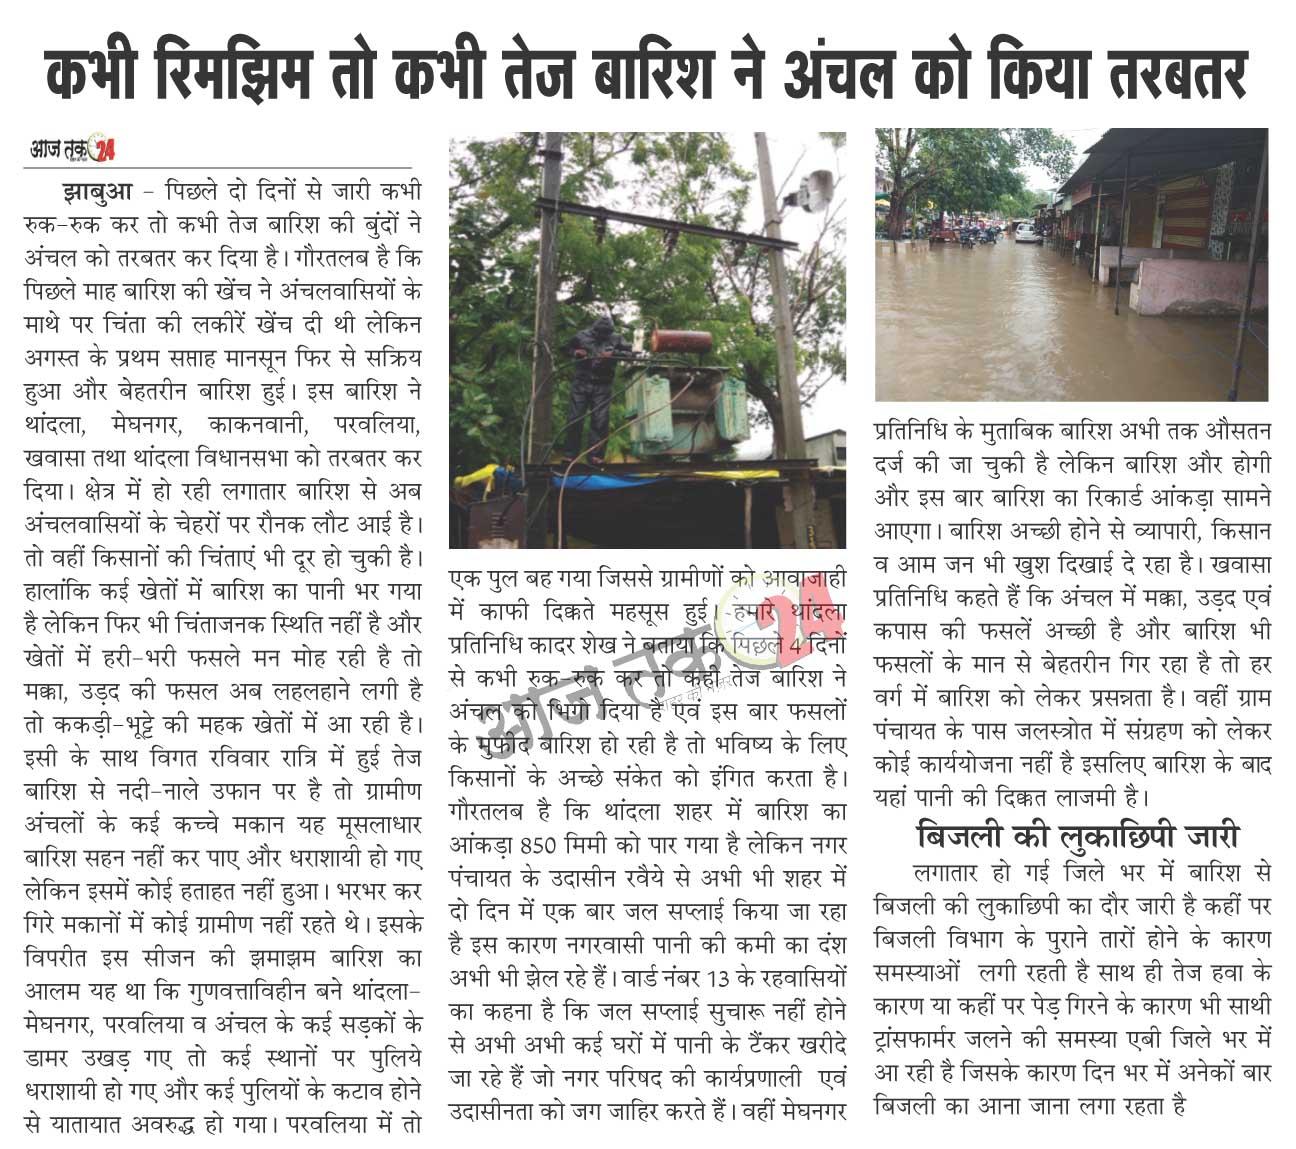 कभी रिमझिम तो कभी तेज बारिश ने अंचल को किया तरबतर  | kabhi rimjhim to kahi tej barhish ne anchal ko kiya tarbatar